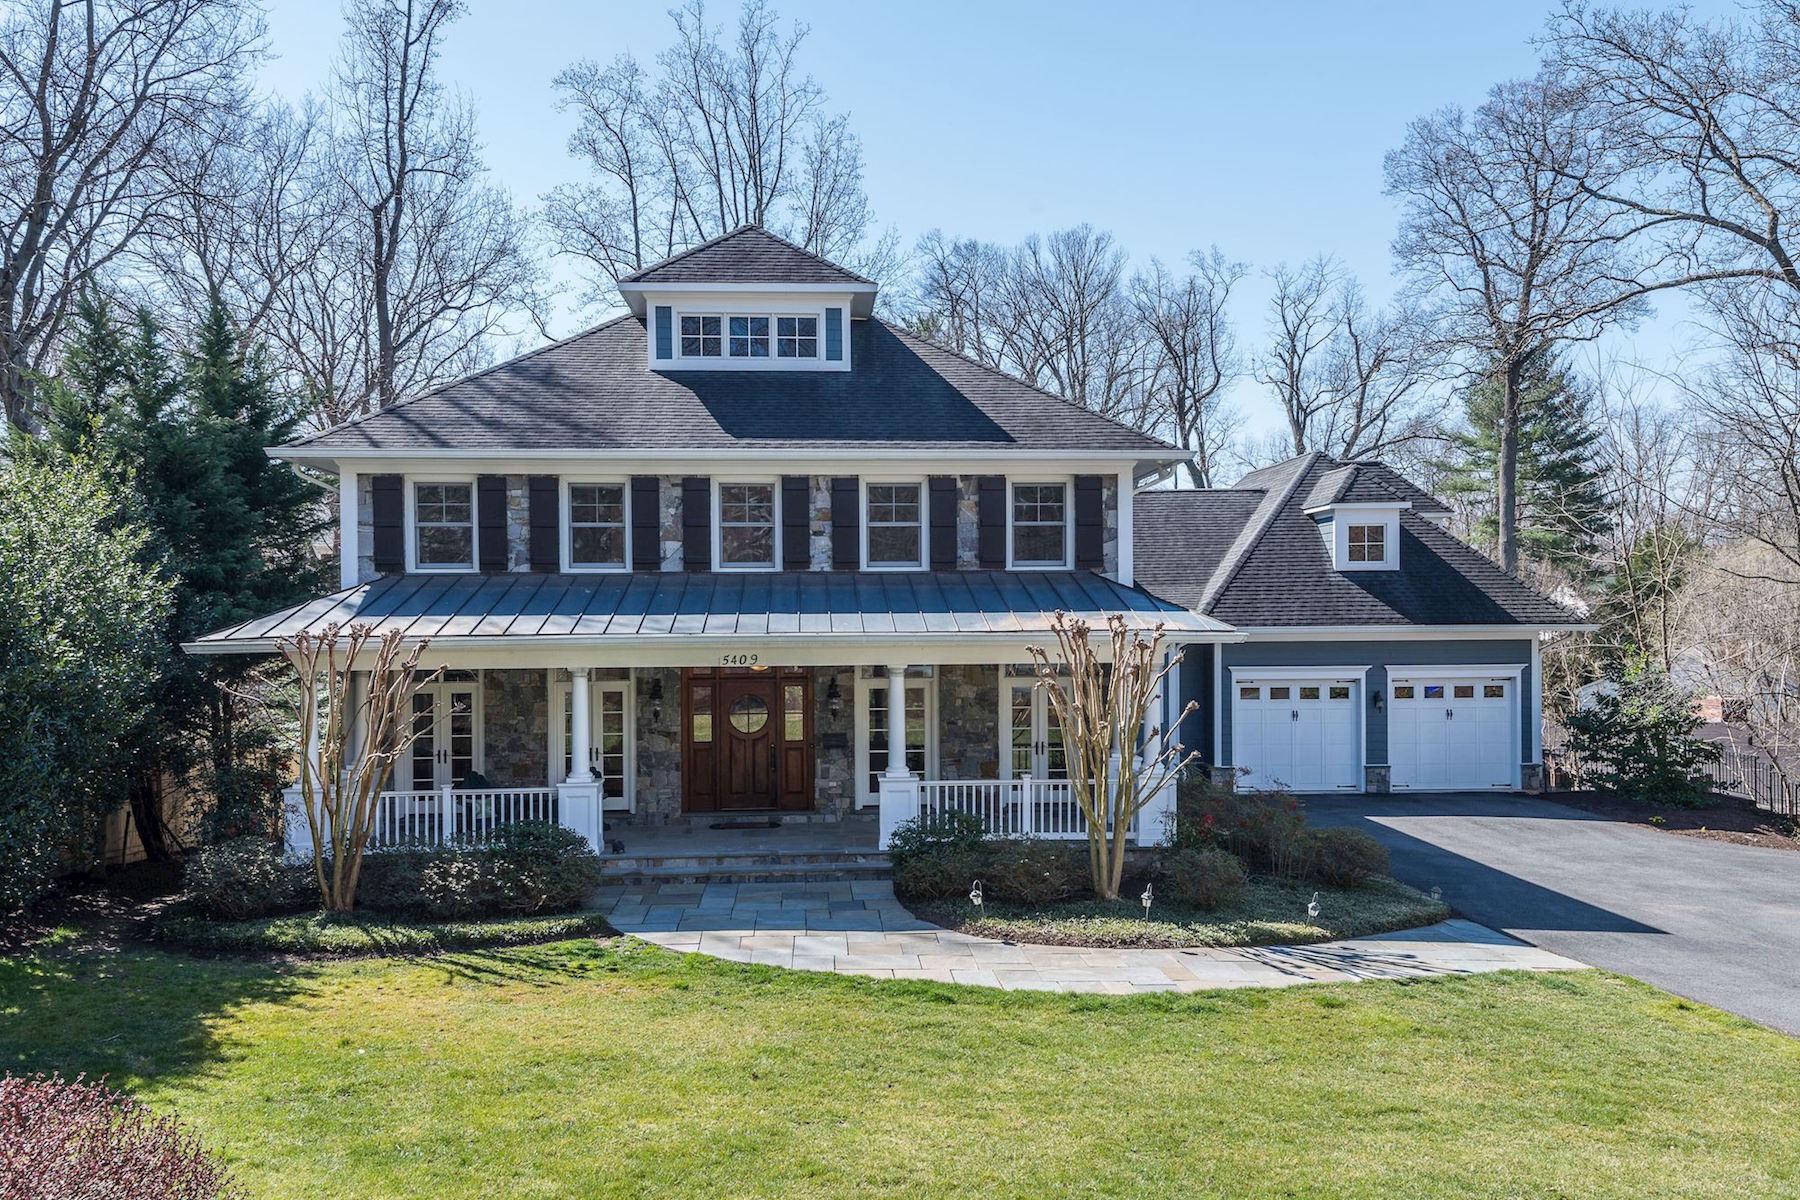 一戸建て のために 売買 アット Bethesda's Best Half Acre 5409 Tuscarawas Rd Bethesda, メリーランド, 20816 アメリカ合衆国